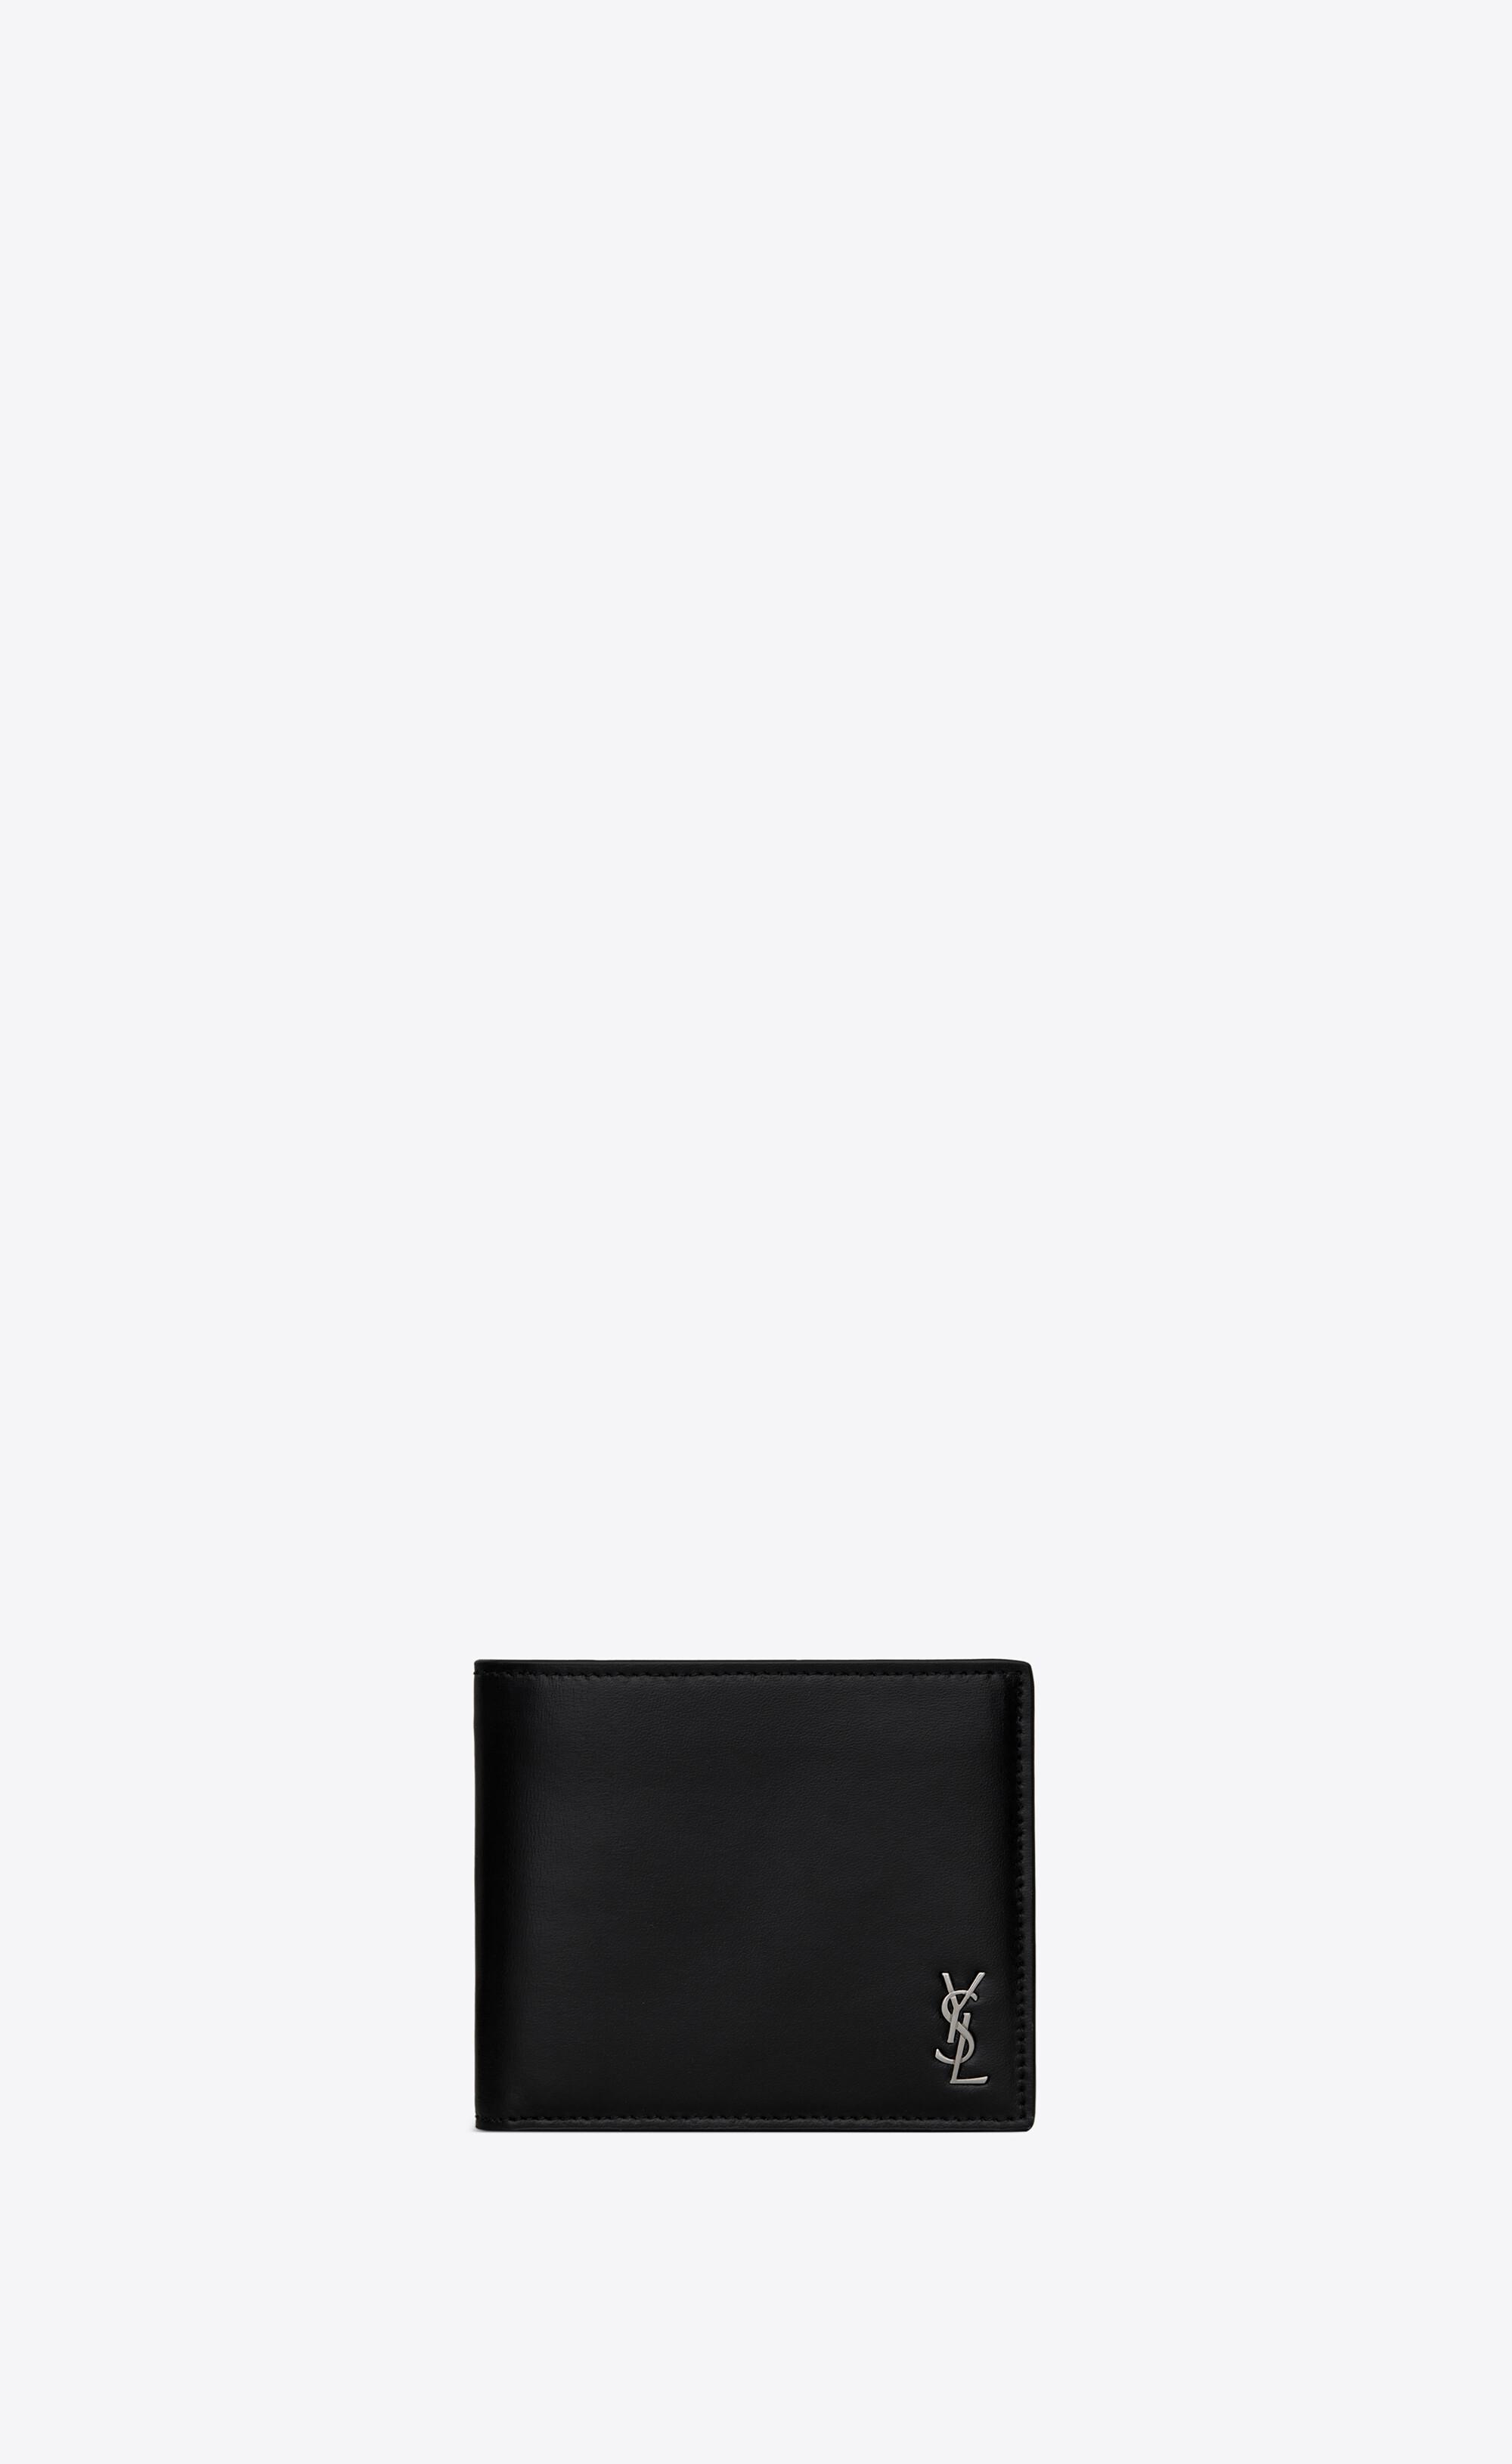 SAINT LAURENT ウォレット タイニーモノグラム E/W の外装画像